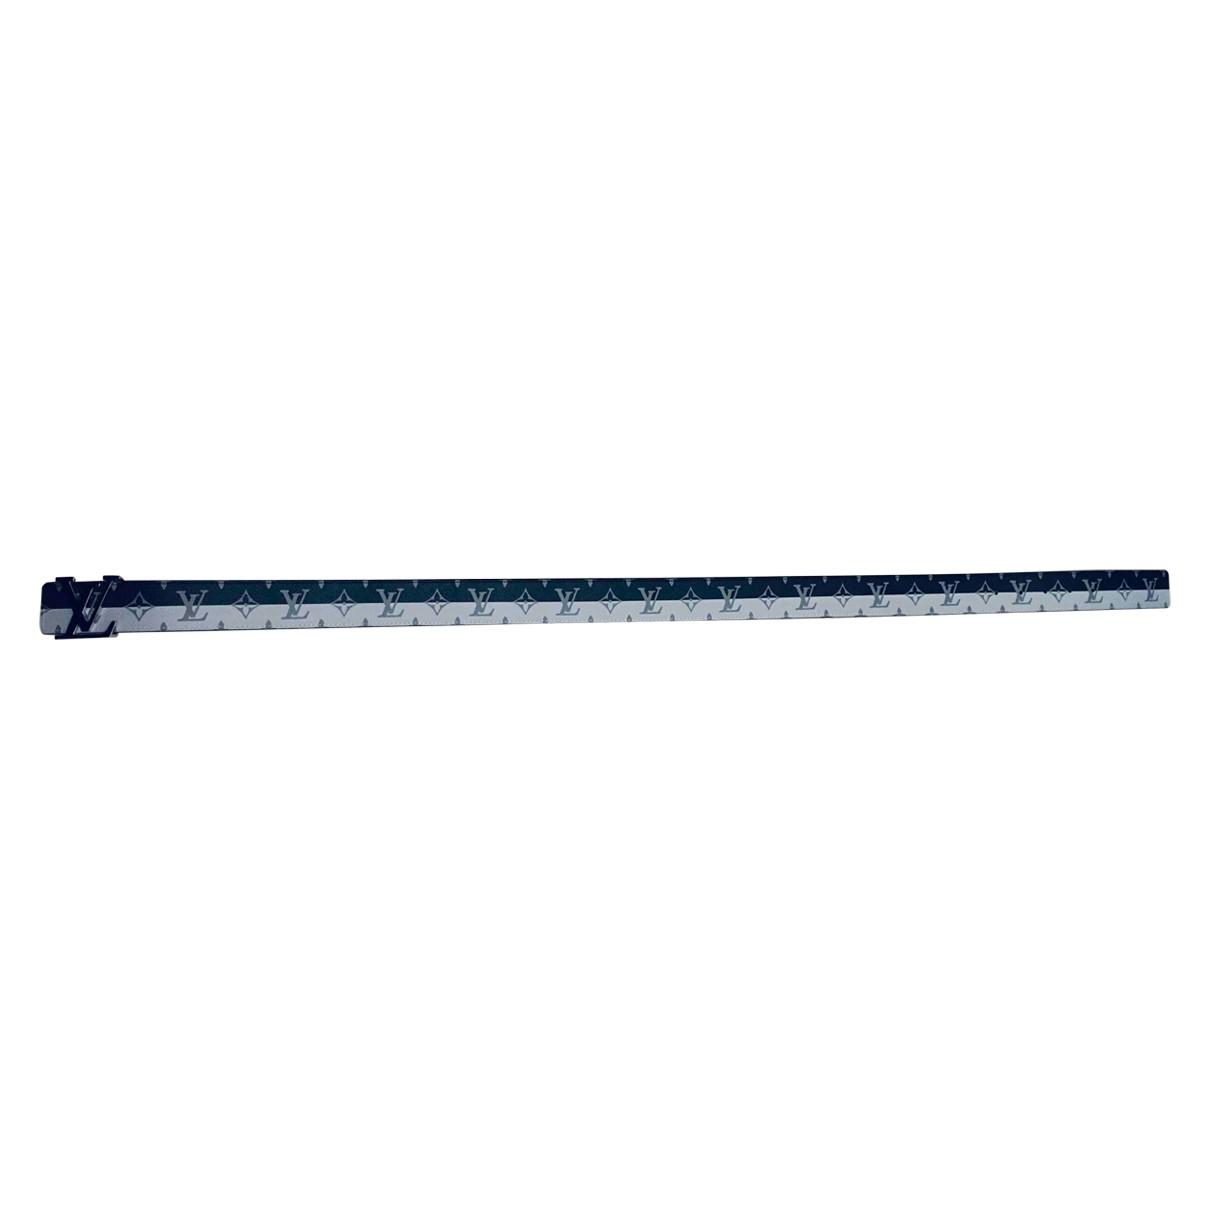 Louis Vuitton Initiales Grey Cloth belt for Men 90 cm